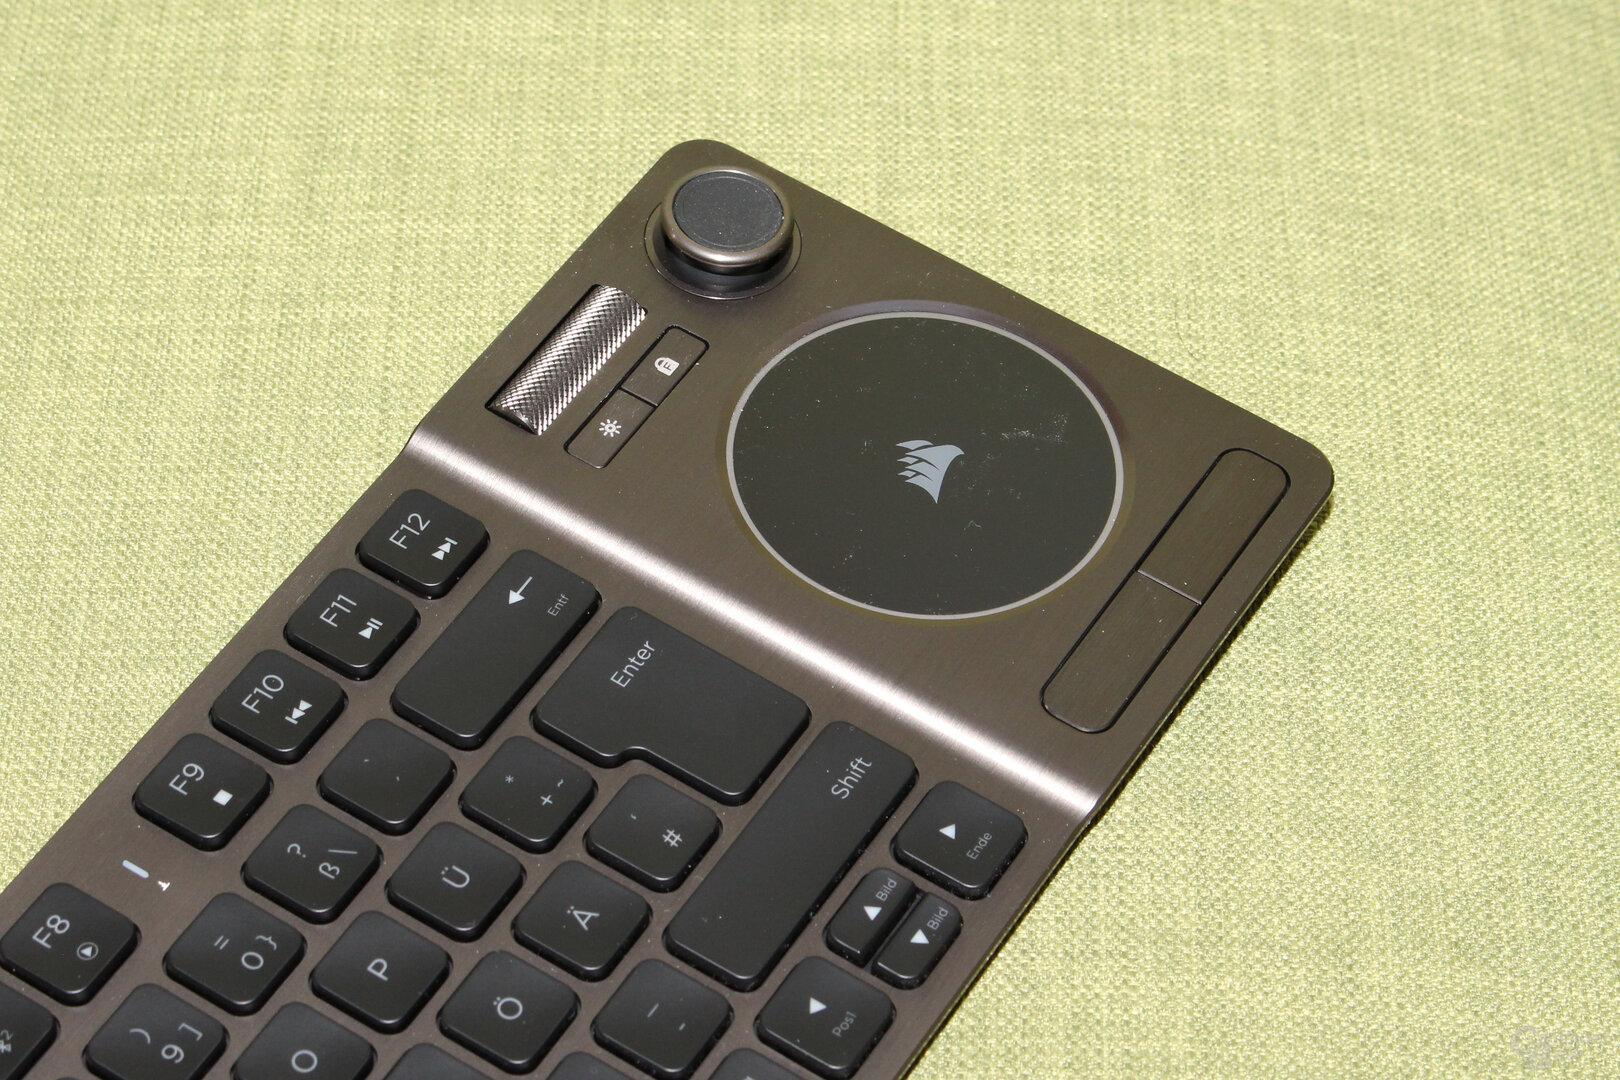 Der Joystick ist eine sinnvolle Ergänzung, erzeugt aber keinen Gaming-Controller